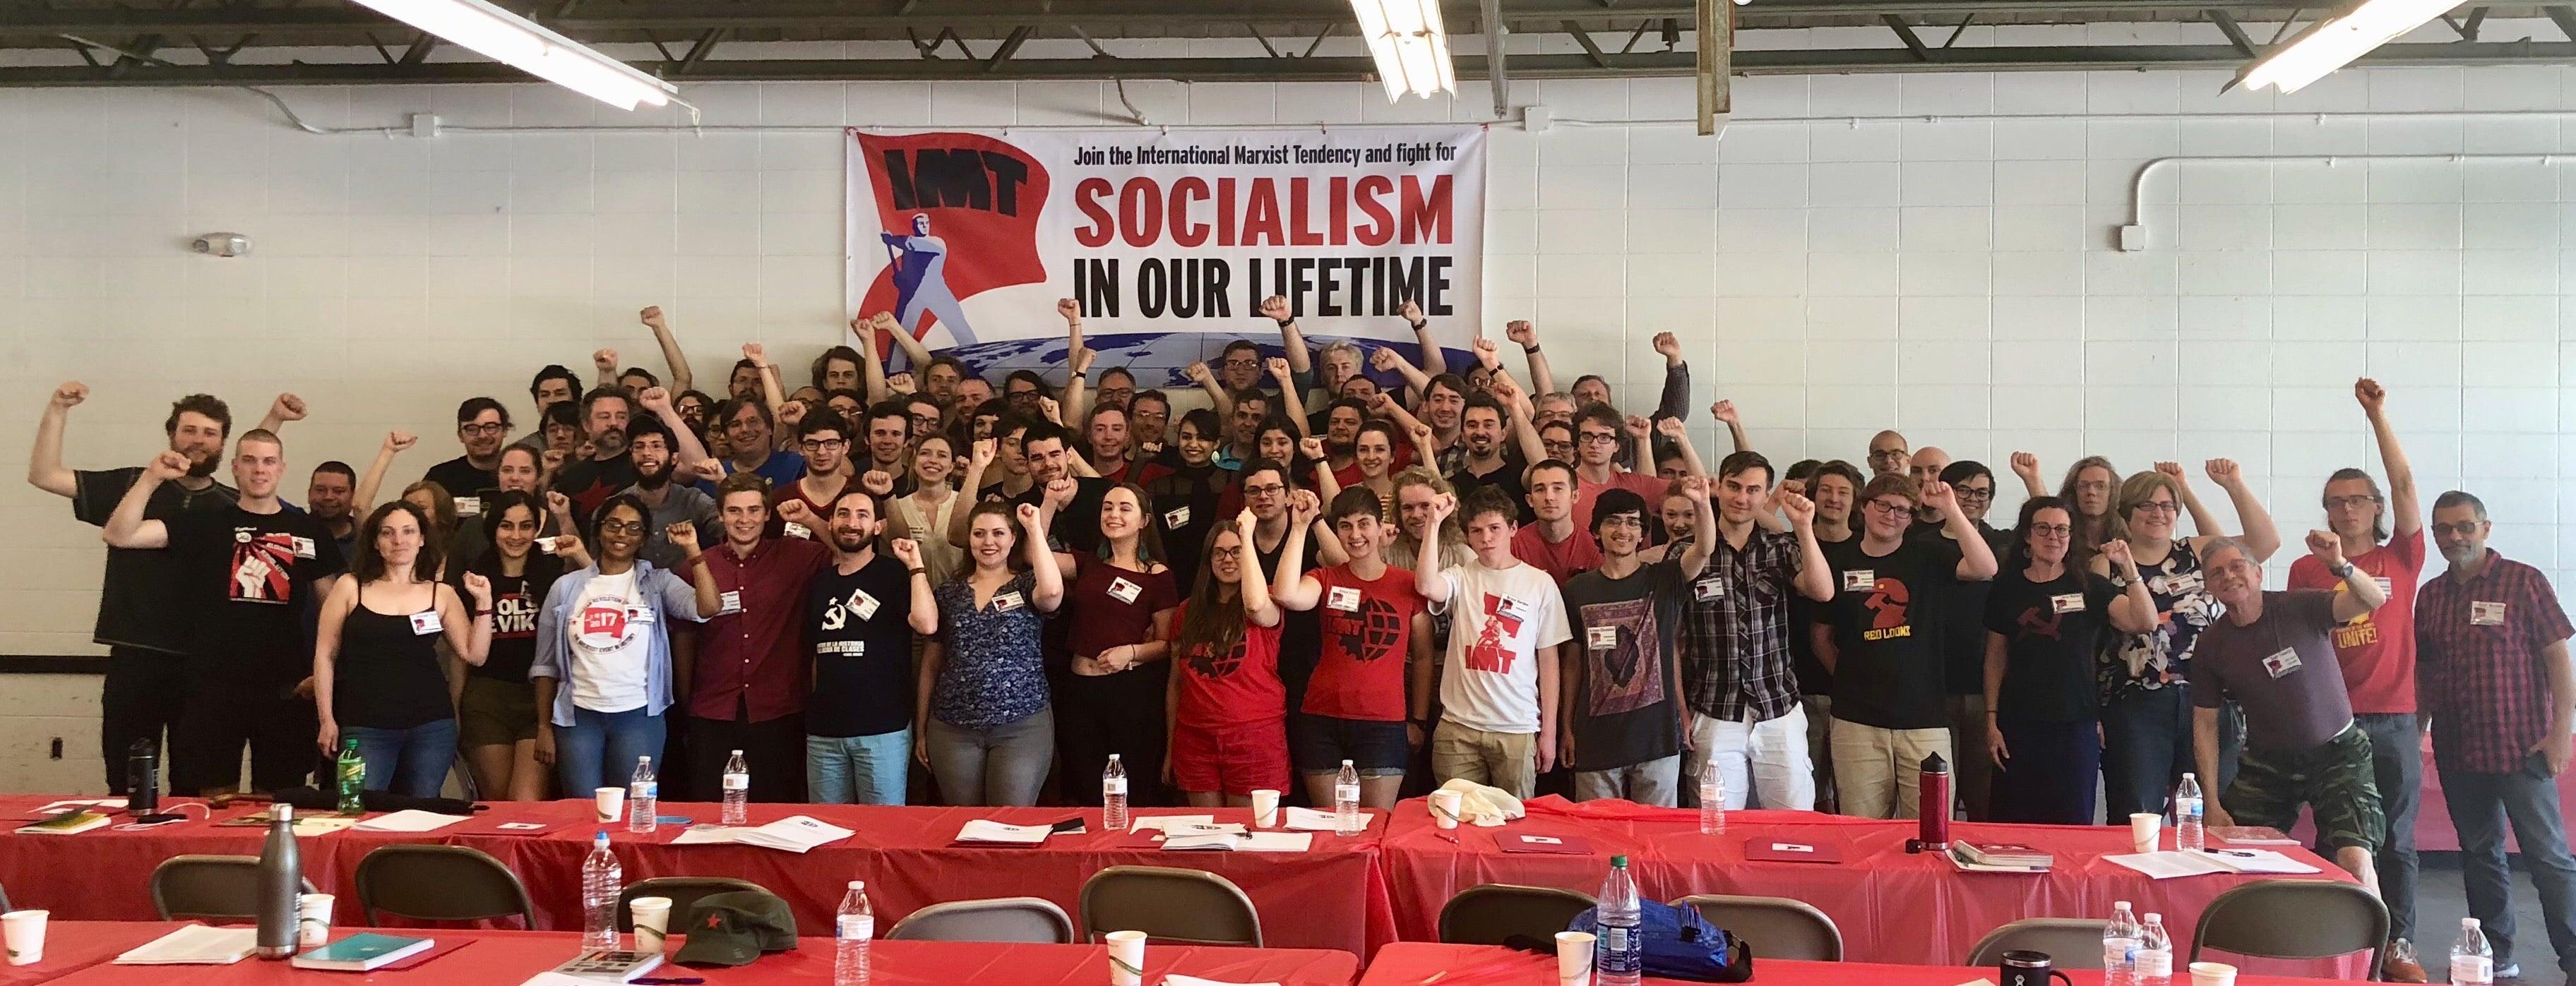 Socialist Revolution Congress Attendees